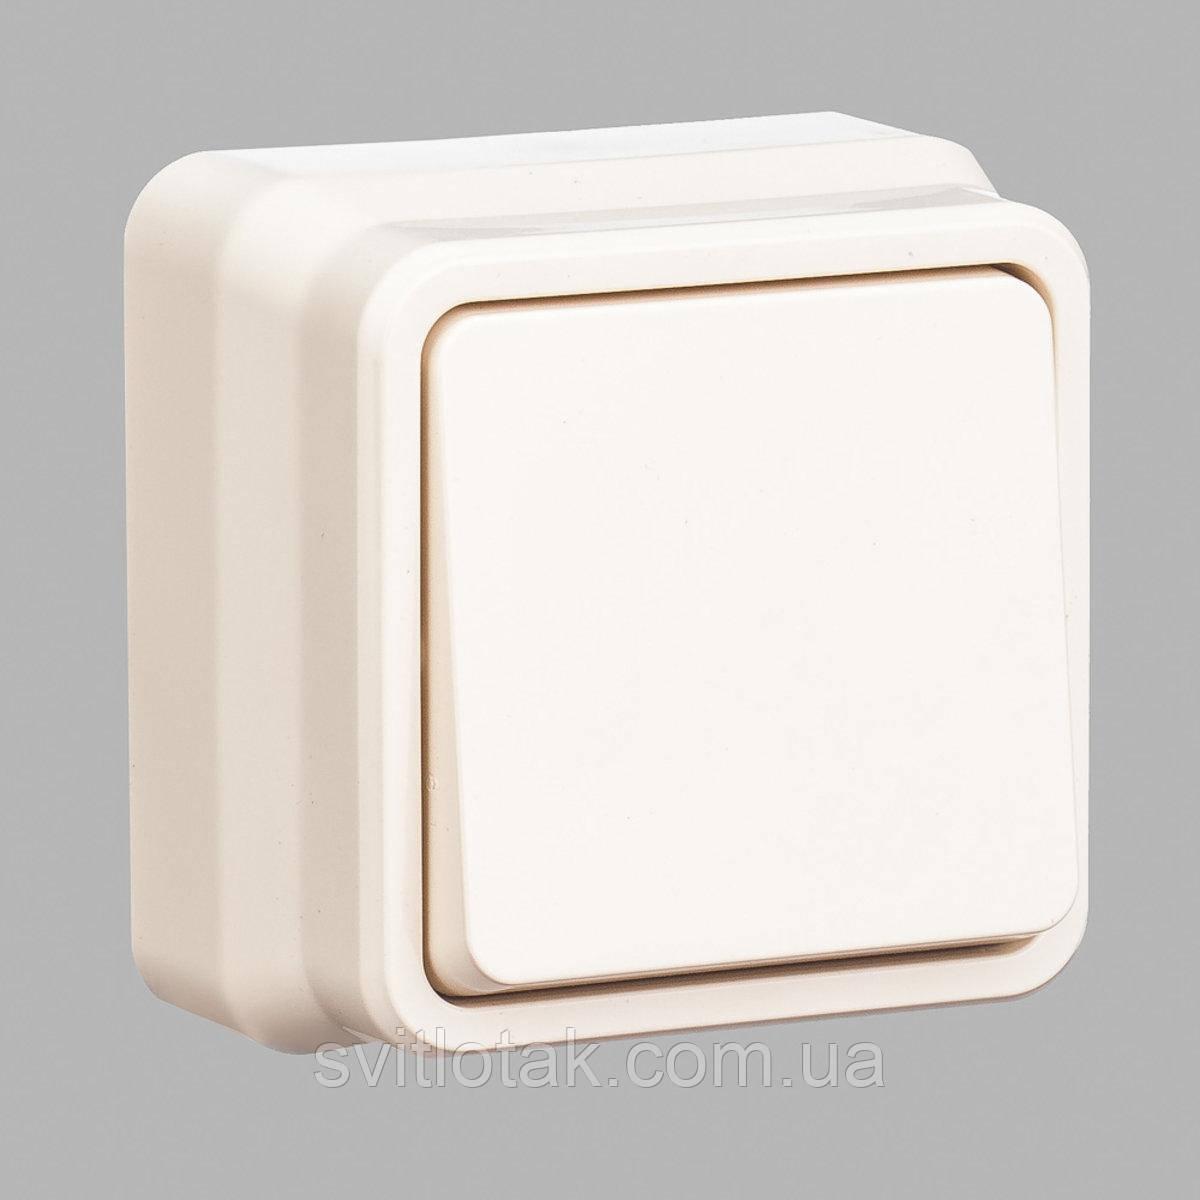 Misya выключатель 1-ый наружный кремовый